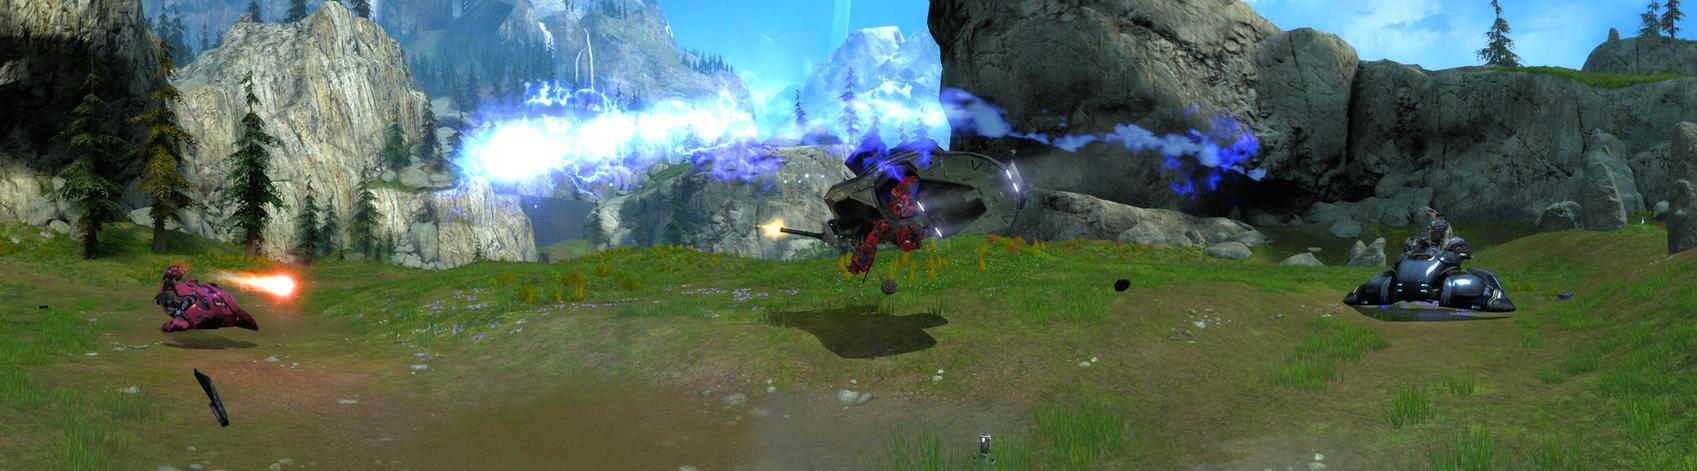 YeeHaw- Halo:Reach Hemmorhage by stuckart